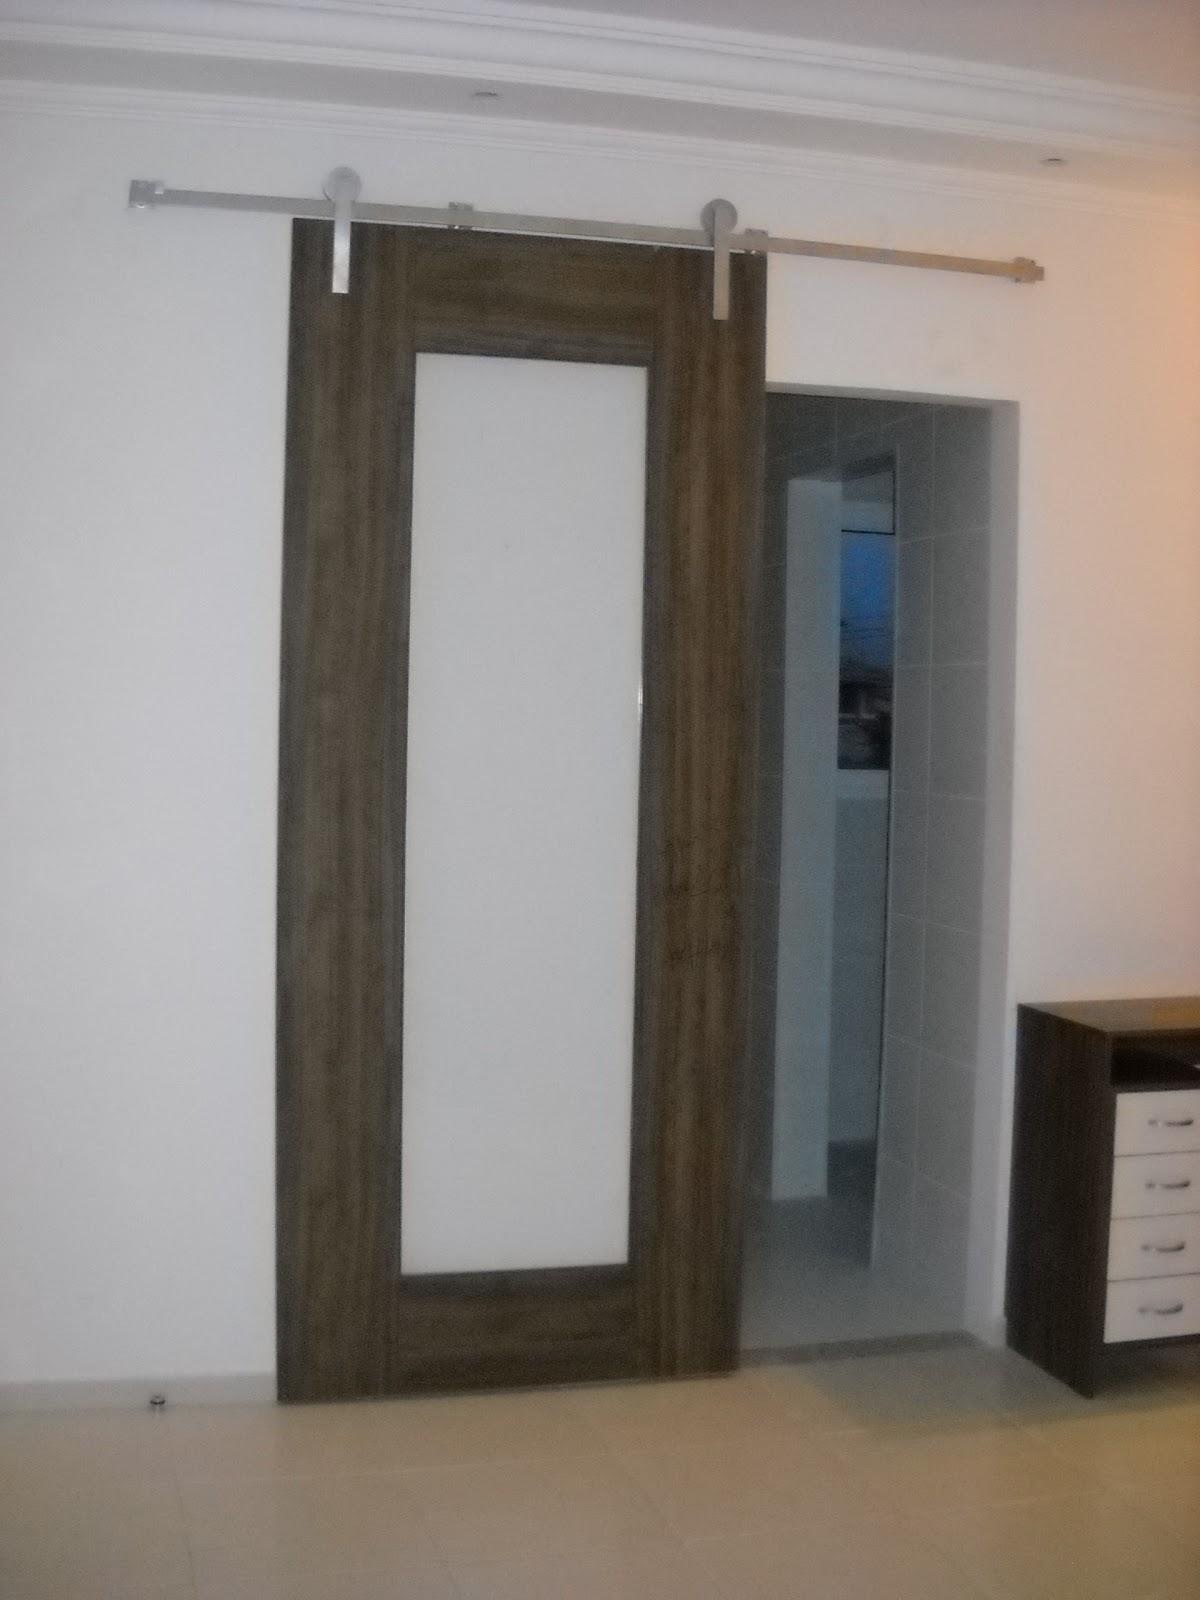 FR Design Móveis planejados: Porta de correr com vidro #7D604E 1200x1600 Banheiro Acessivel Pode Ter Porta De Correr